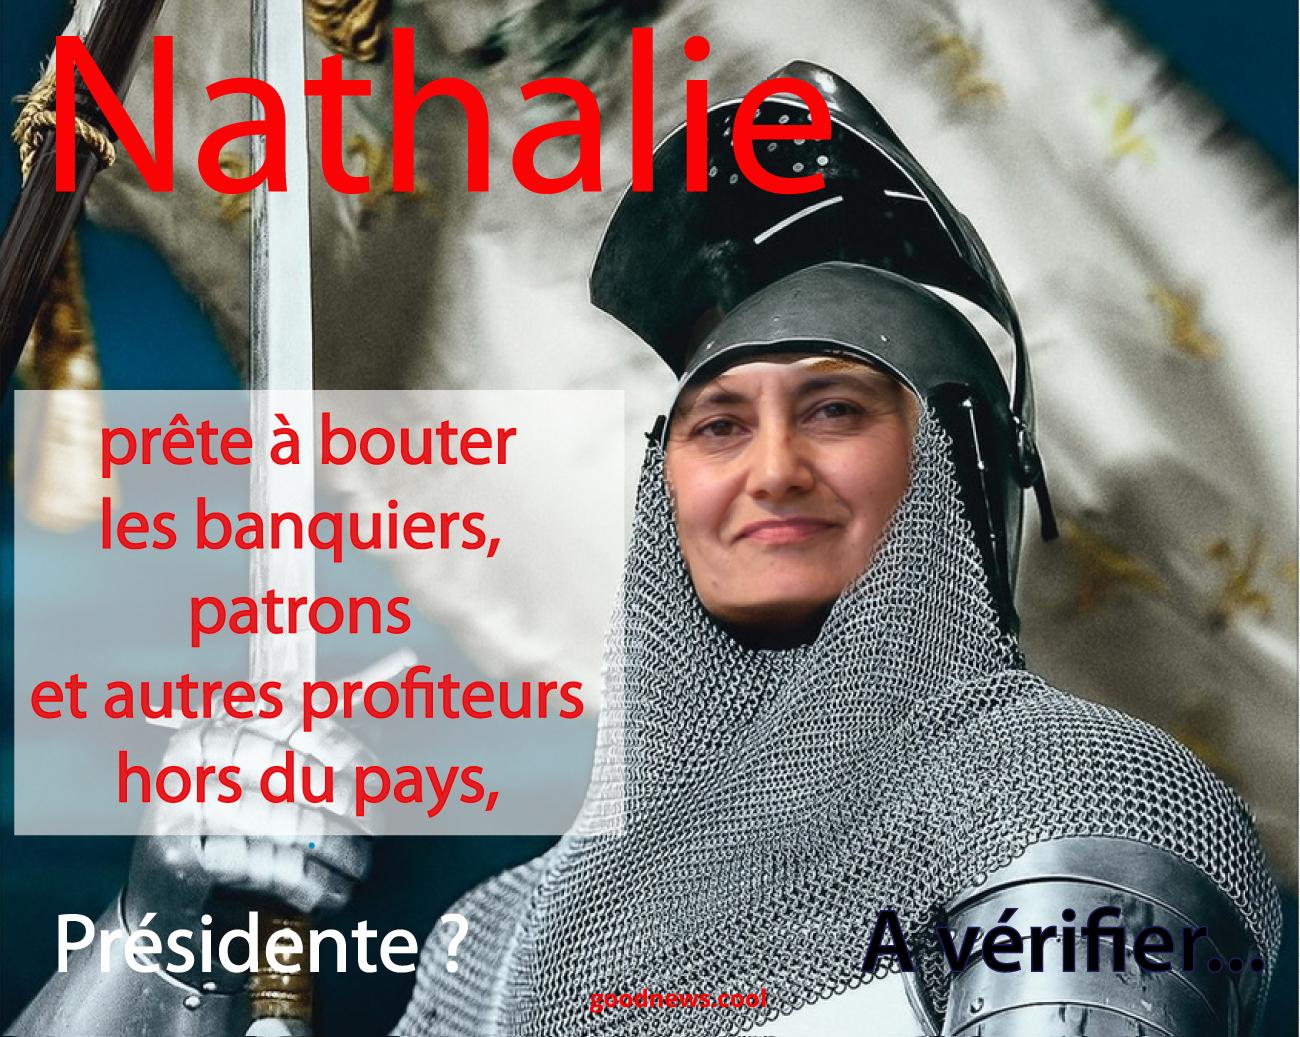 Nathalie ARTAUD